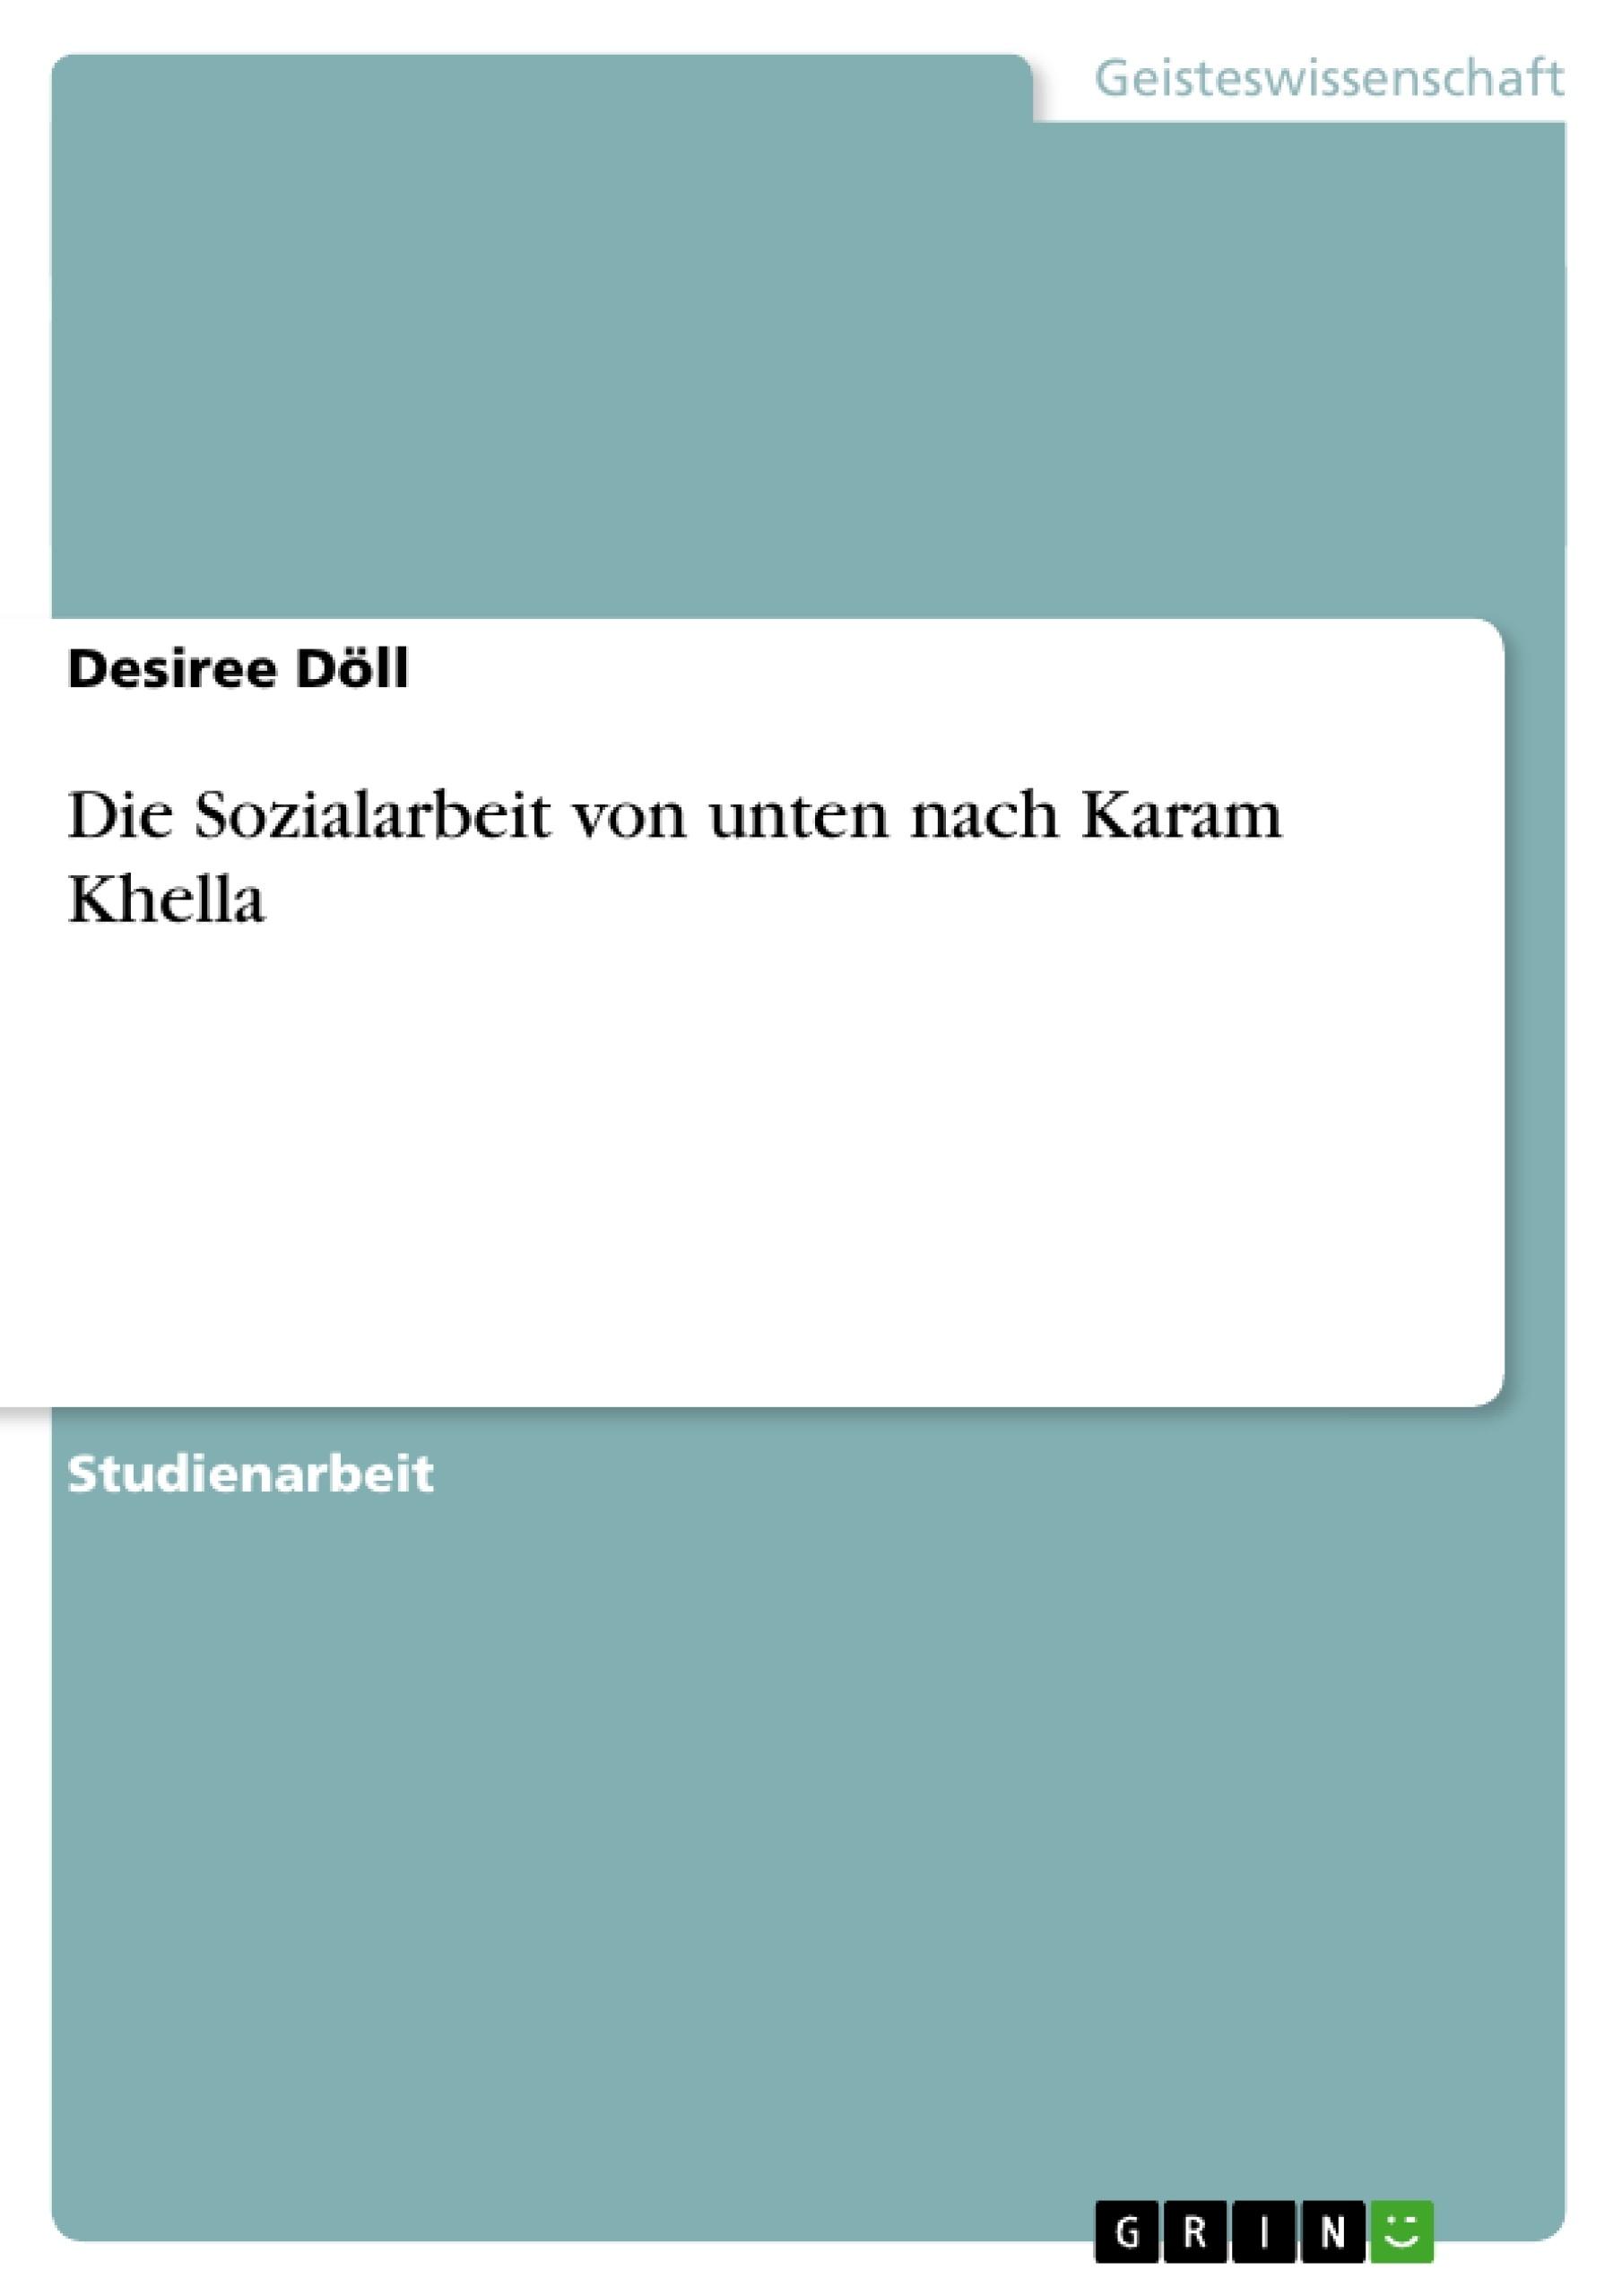 Titel: Die Sozialarbeit von unten nach Karam Khella